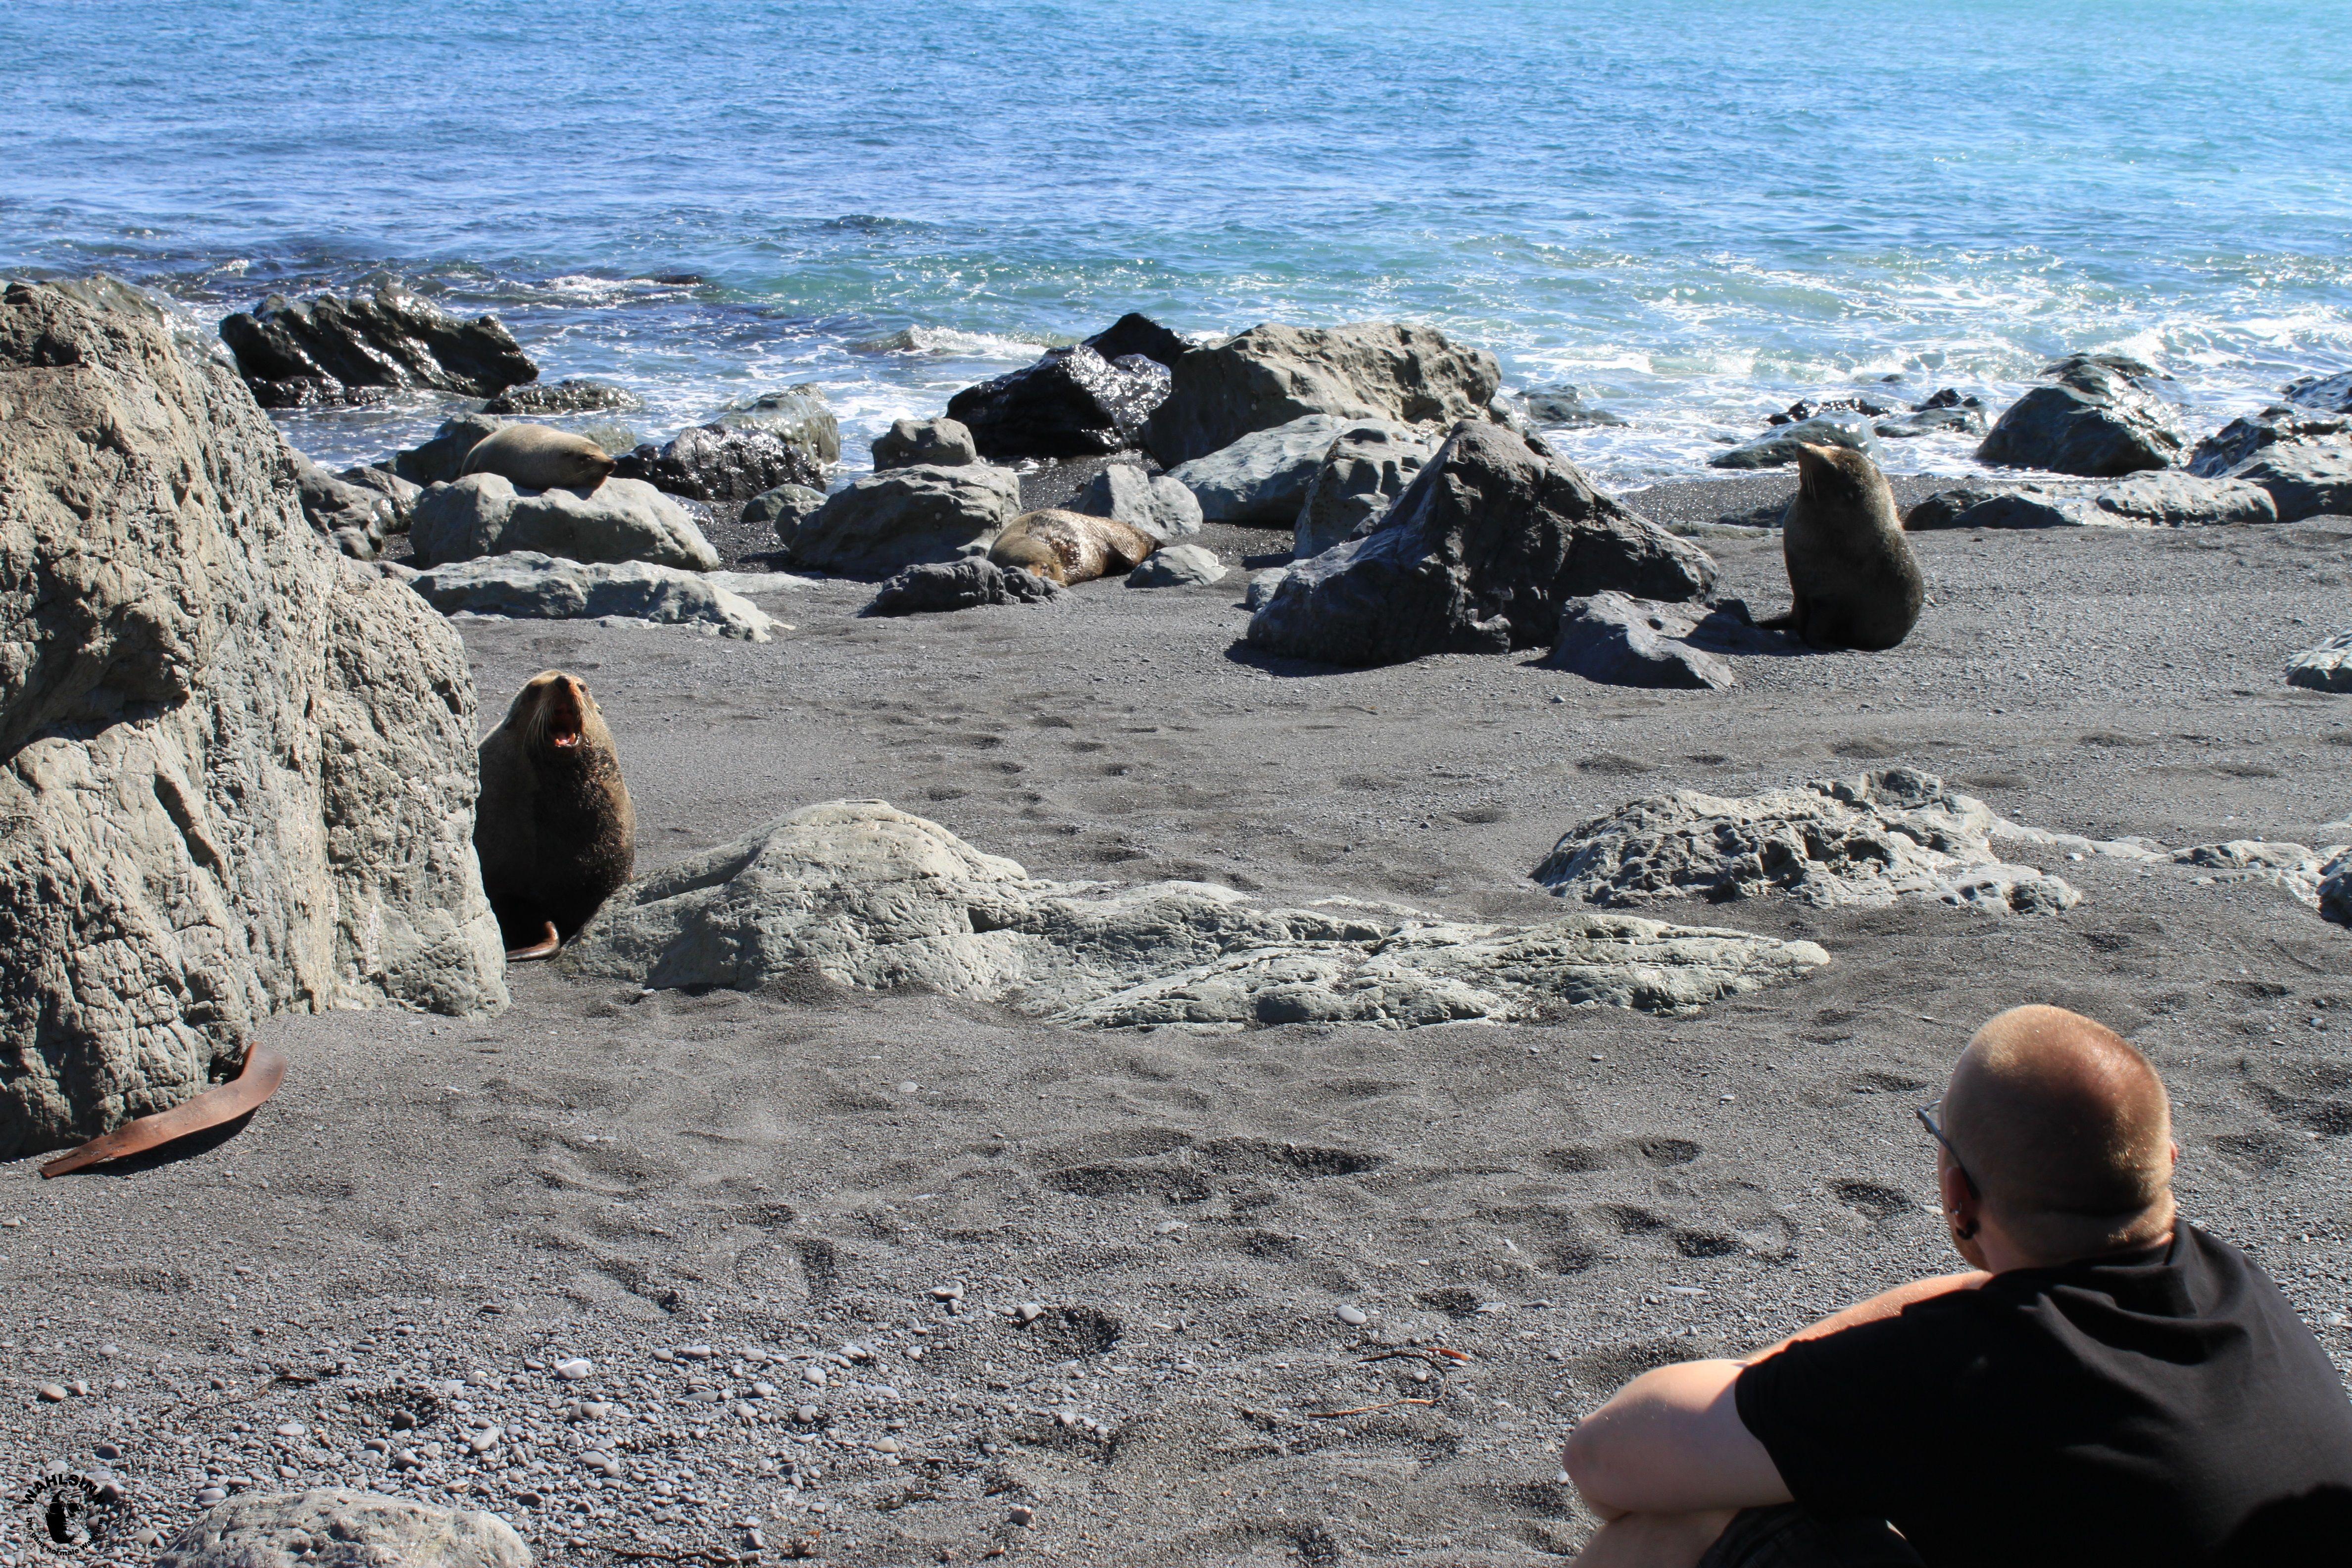 """""""Ey man, was geht bei dir?"""" - Robbe (Gespräch auf Neuseelands Nordinsel)"""